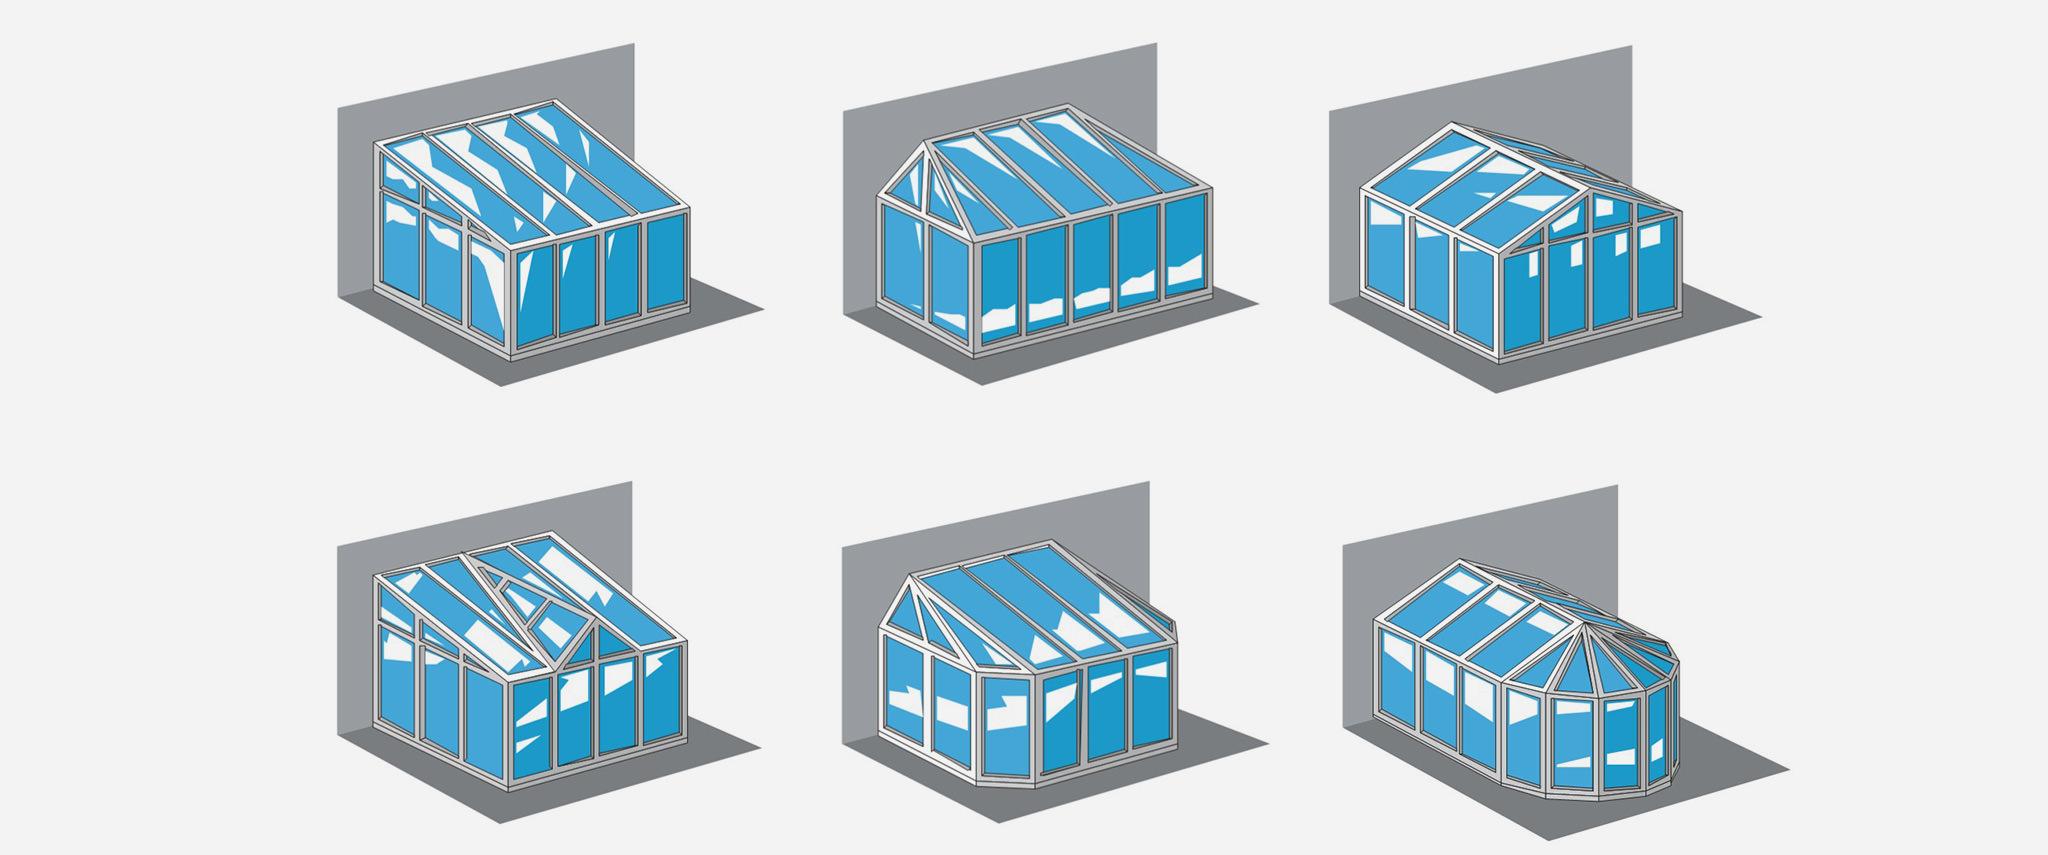 d cher f r winterg rten krenzer wintergarten ratgeber. Black Bedroom Furniture Sets. Home Design Ideas